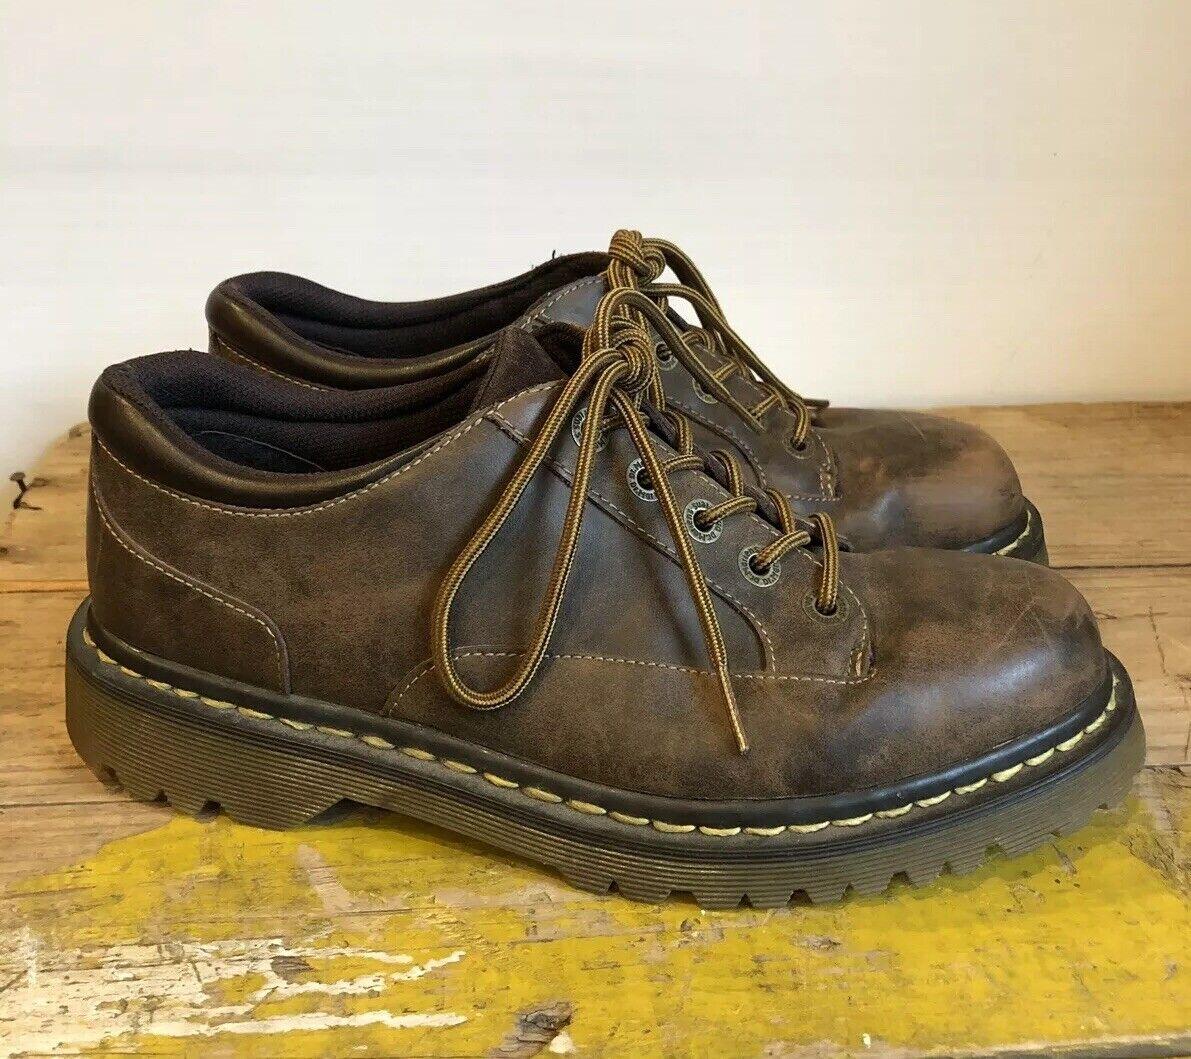 Doc Dr Martens Abilene Mujer Zapatos Con Cordones Cordones Cordones Cuero Marrón Talla 10 UE 42 con aspecto envejecido  Ven a elegir tu propio estilo deportivo.